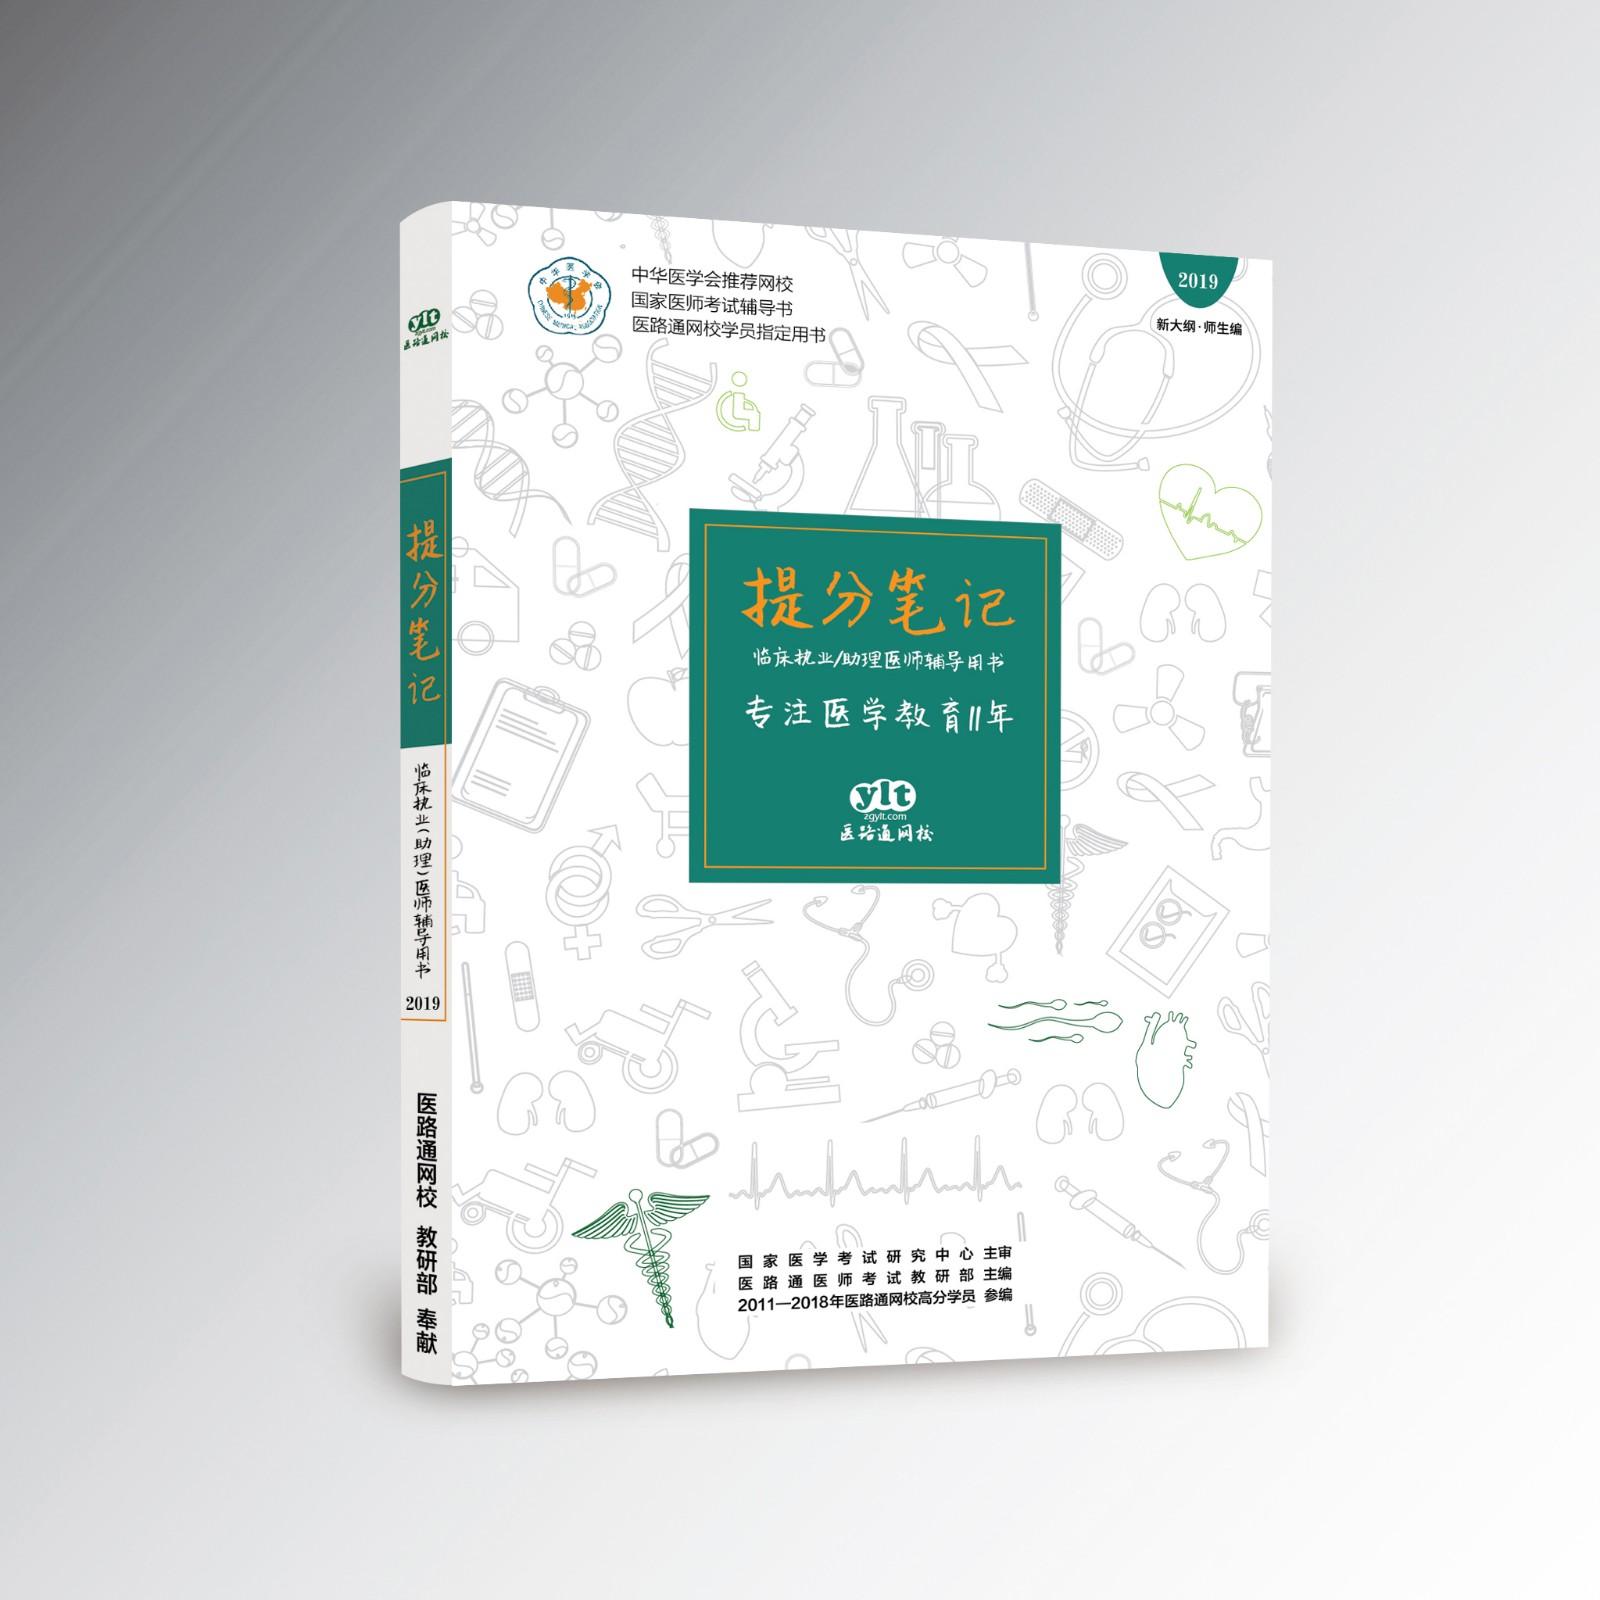 2019提分笔记-临床执业医师